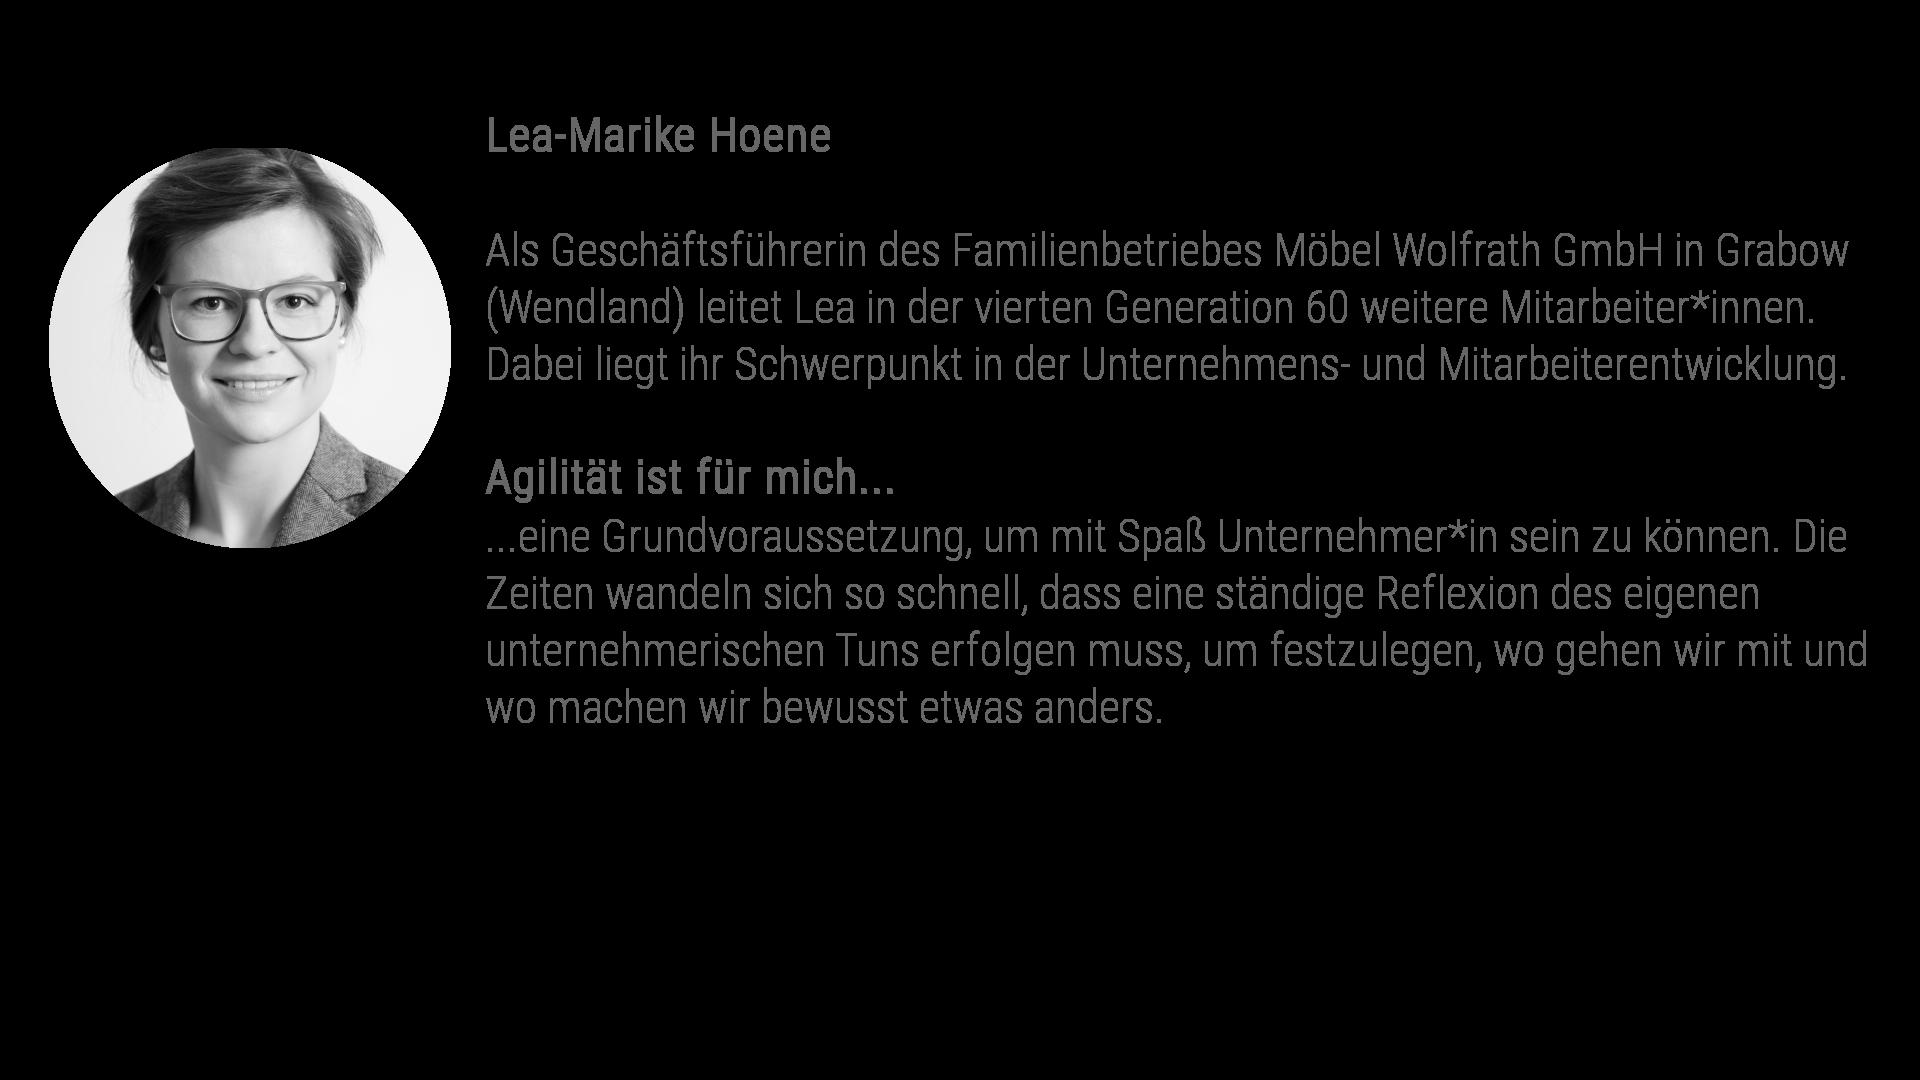 Lea-Marike Hoene Als Geschäftsführerin des Familienbetriebes Möbel Wolfrath GmbH in Grabow (Wendland) leitet Lea in der vierten Generation 60 weitere Mitarbeiter*innen. Dabei liegt ihr Schwerpunkt in der Unternehmens- und Mitarbeiterentwicklung. Agilität ist für mich... ...eine Grundvoraussetzung, um mit Spaß Unternehmer*in zu sein. Die Zeiten wandeln sich so schnell, dass eine ständige Reflexion des eigenen unternehmerischen Tuns erfolgen muss, um festzulegen, wo gehen wir mit und wo machen wir bewusst etwas anders.